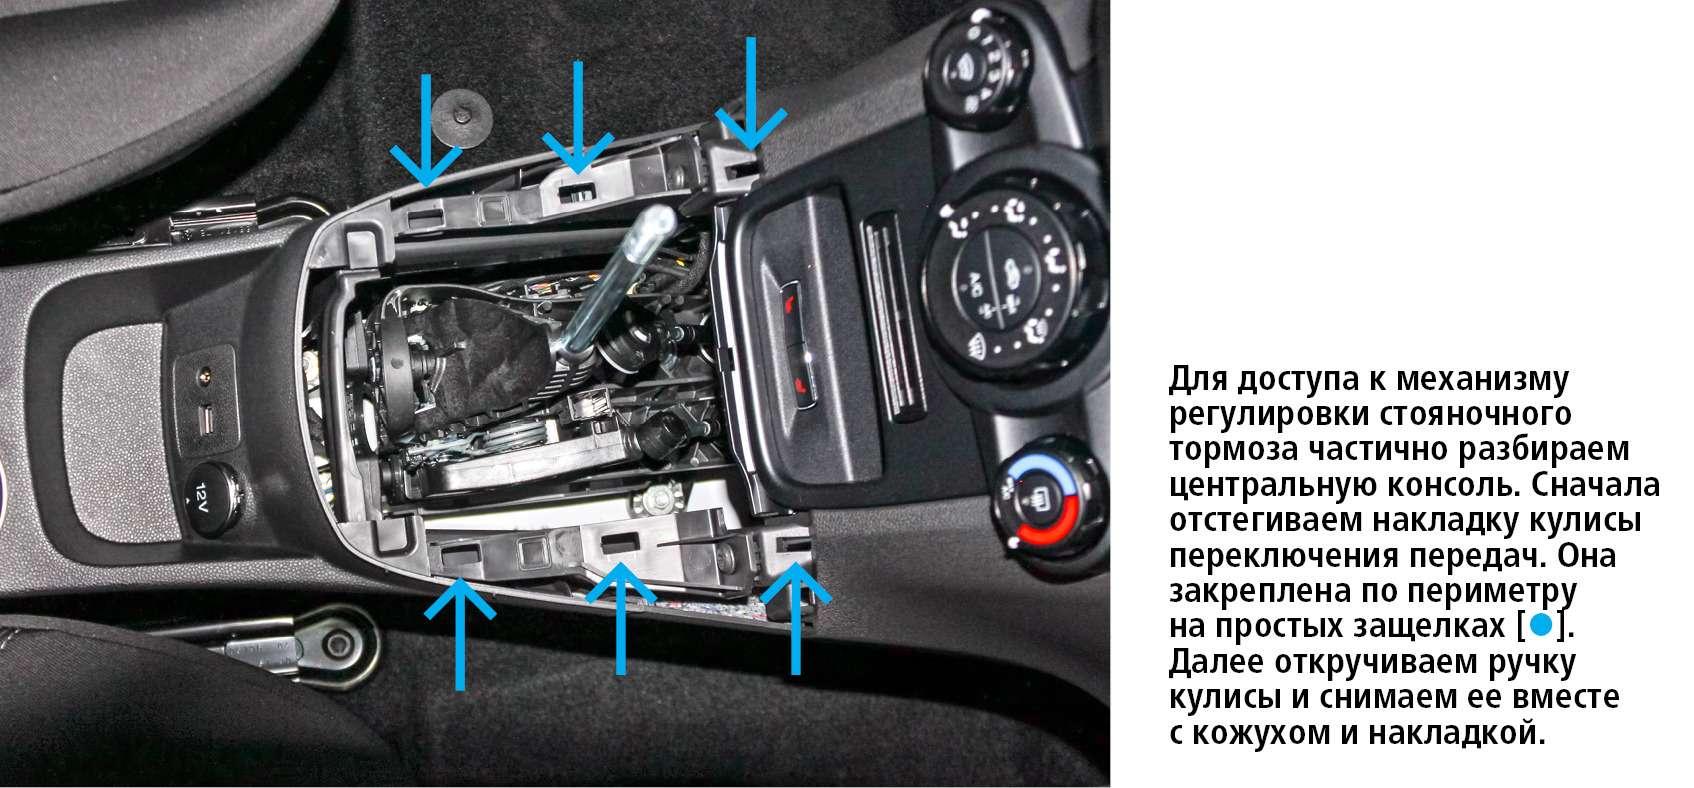 Ford Fiesta: проверка наремонтопригодность— фото 610307